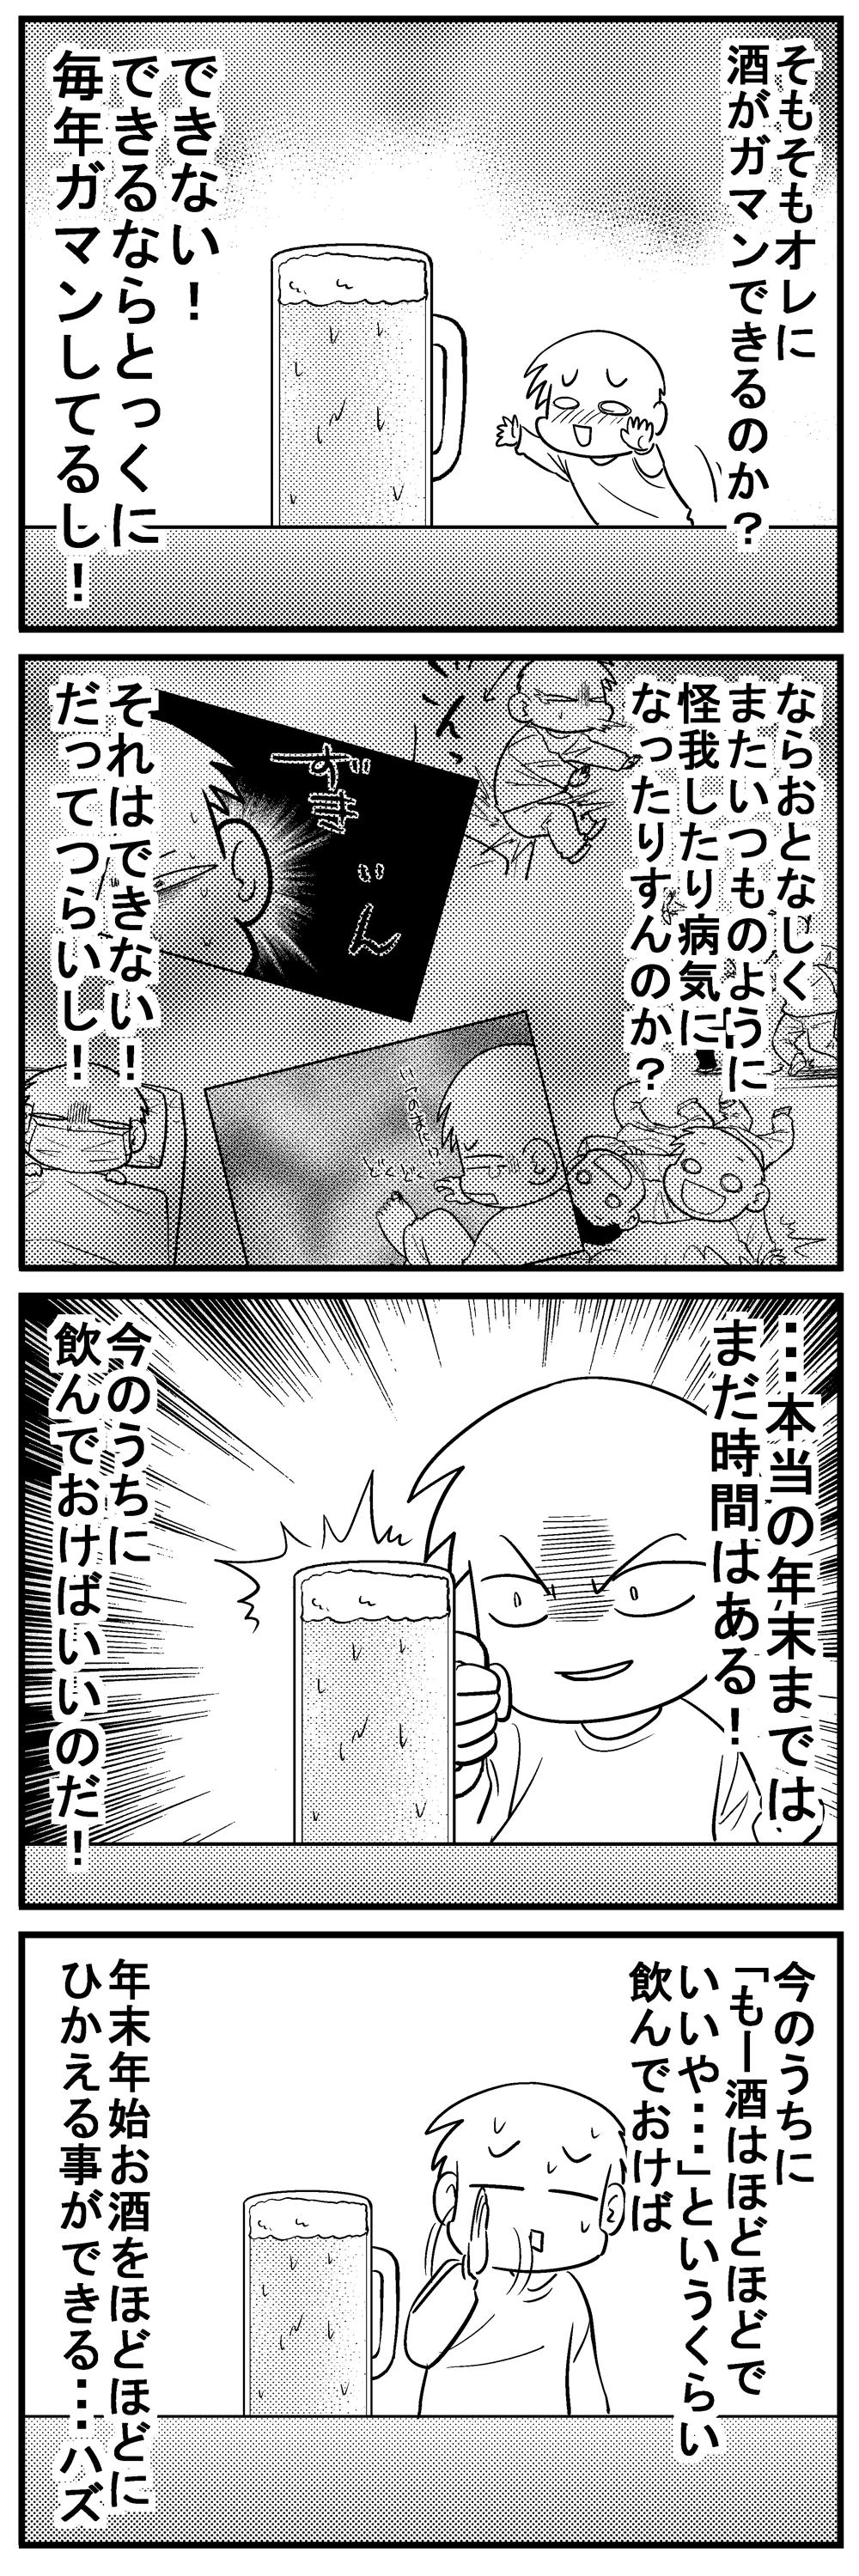 深読みくん105-2